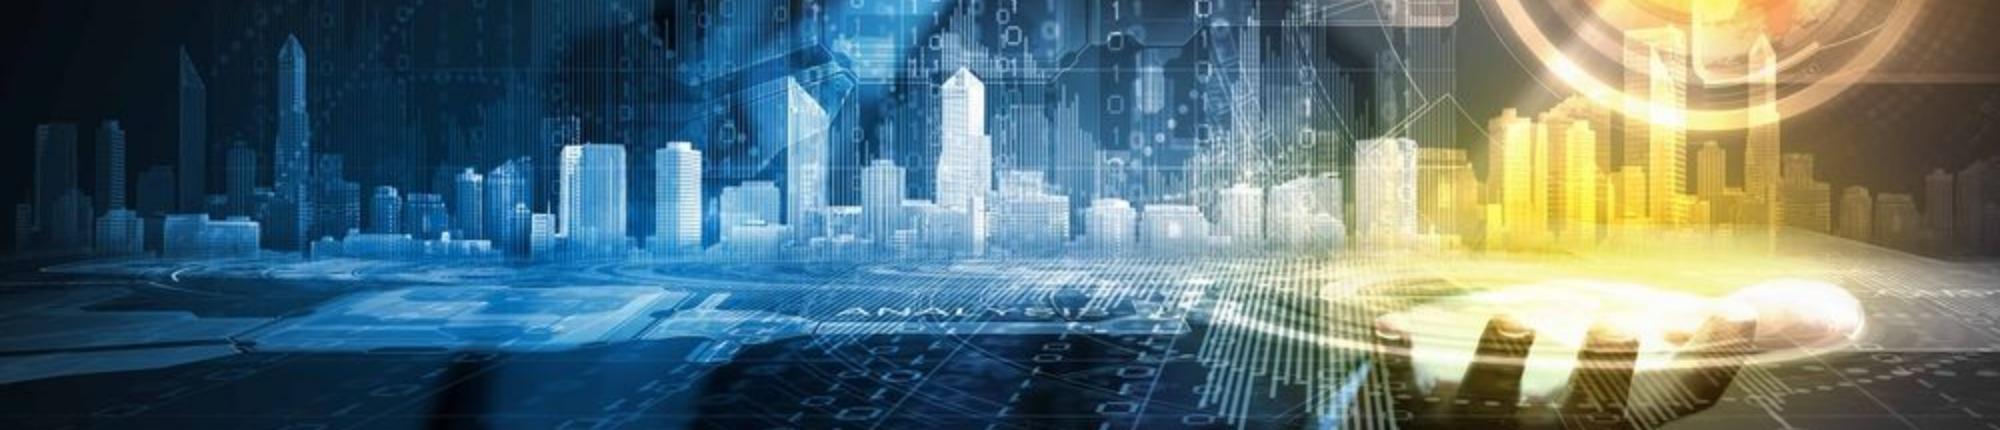 Jong Rabo Congres 2018: Disruptive Innovation